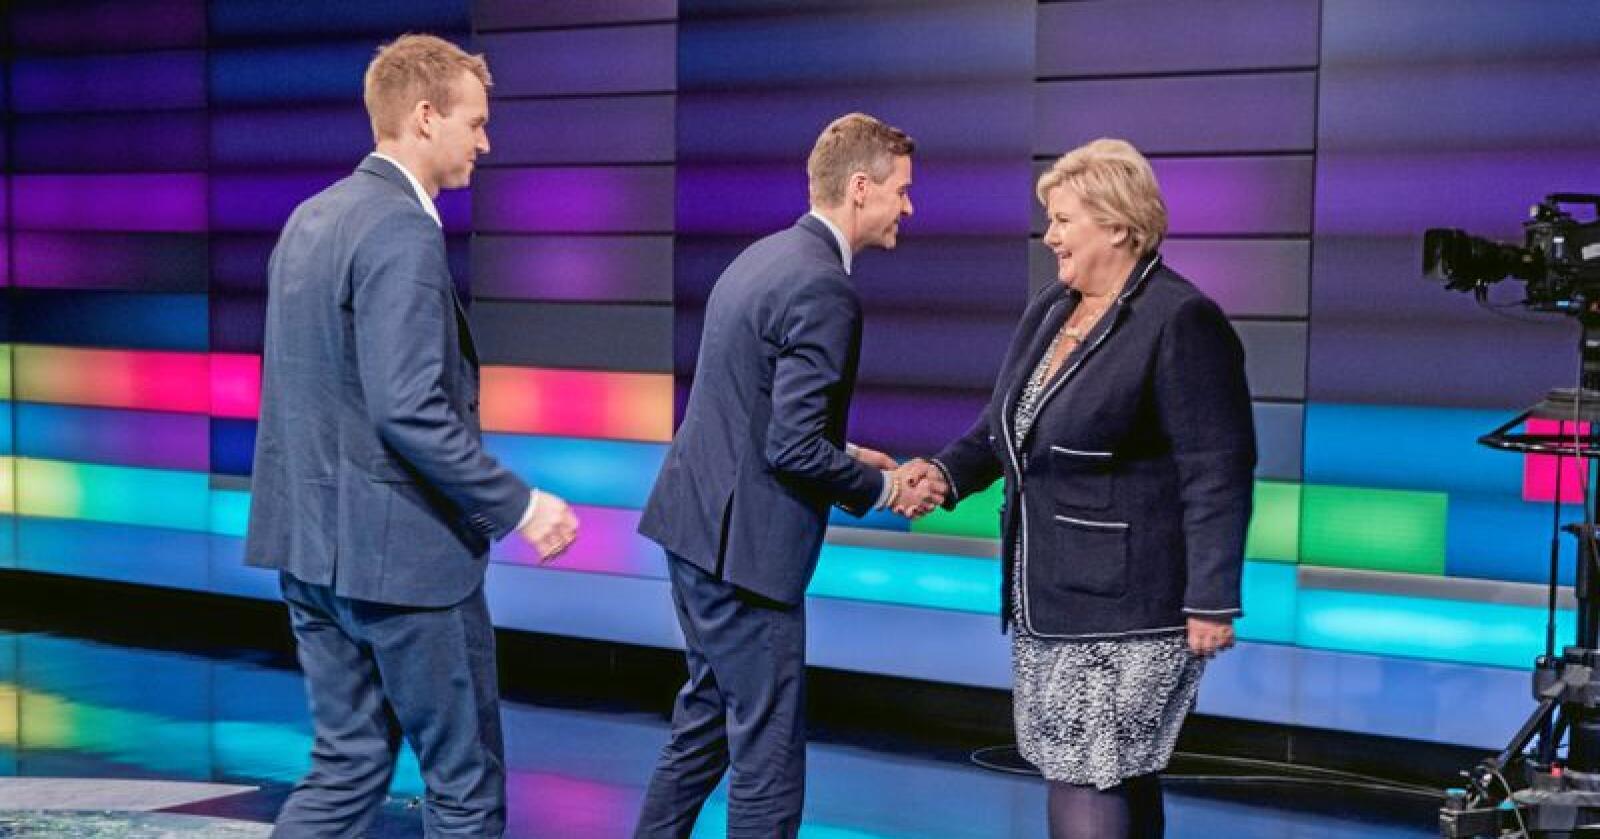 Kjell Ingolf Ropstad (tv) og Knut Arild Hareide hilser på Erna Solberg under Debatten i NRK. Nå skal partiene forhandle. Foto: Terje Pedersen / NTB scanpix